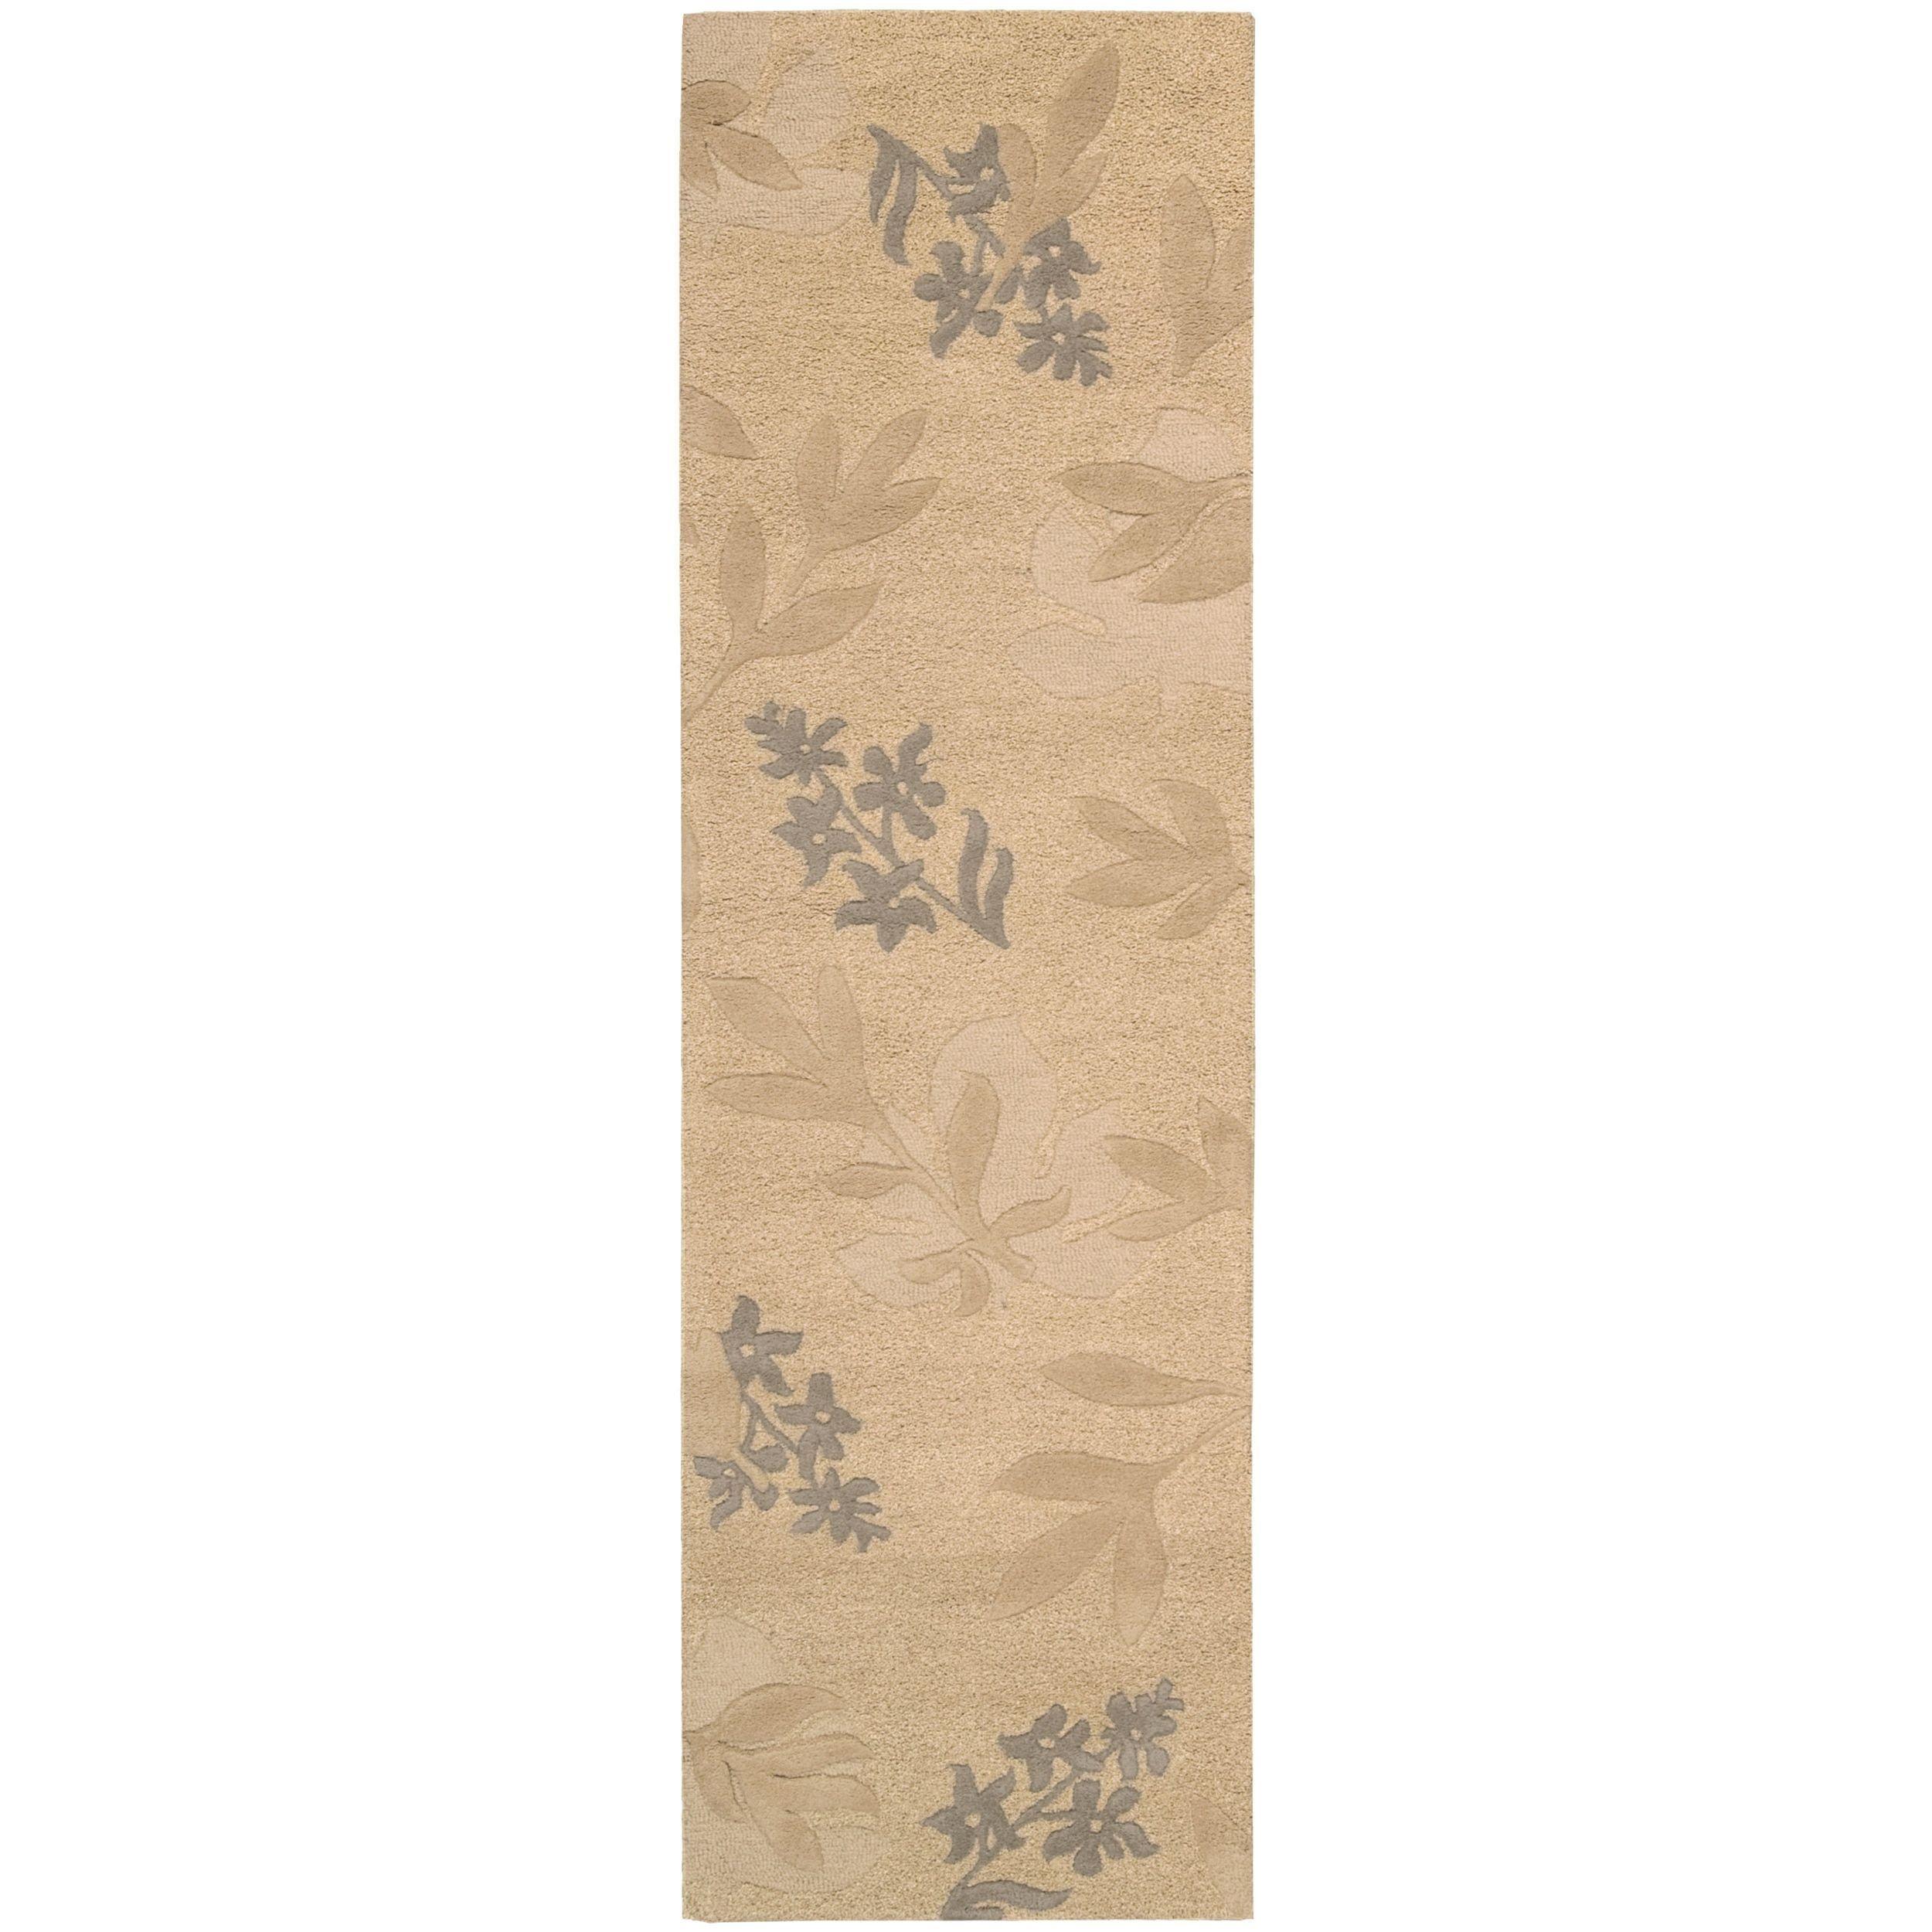 Nourison Hand-tufted Skyland Gold All Over Leaf Rug (2'3 x 8') (Wool, Floral)